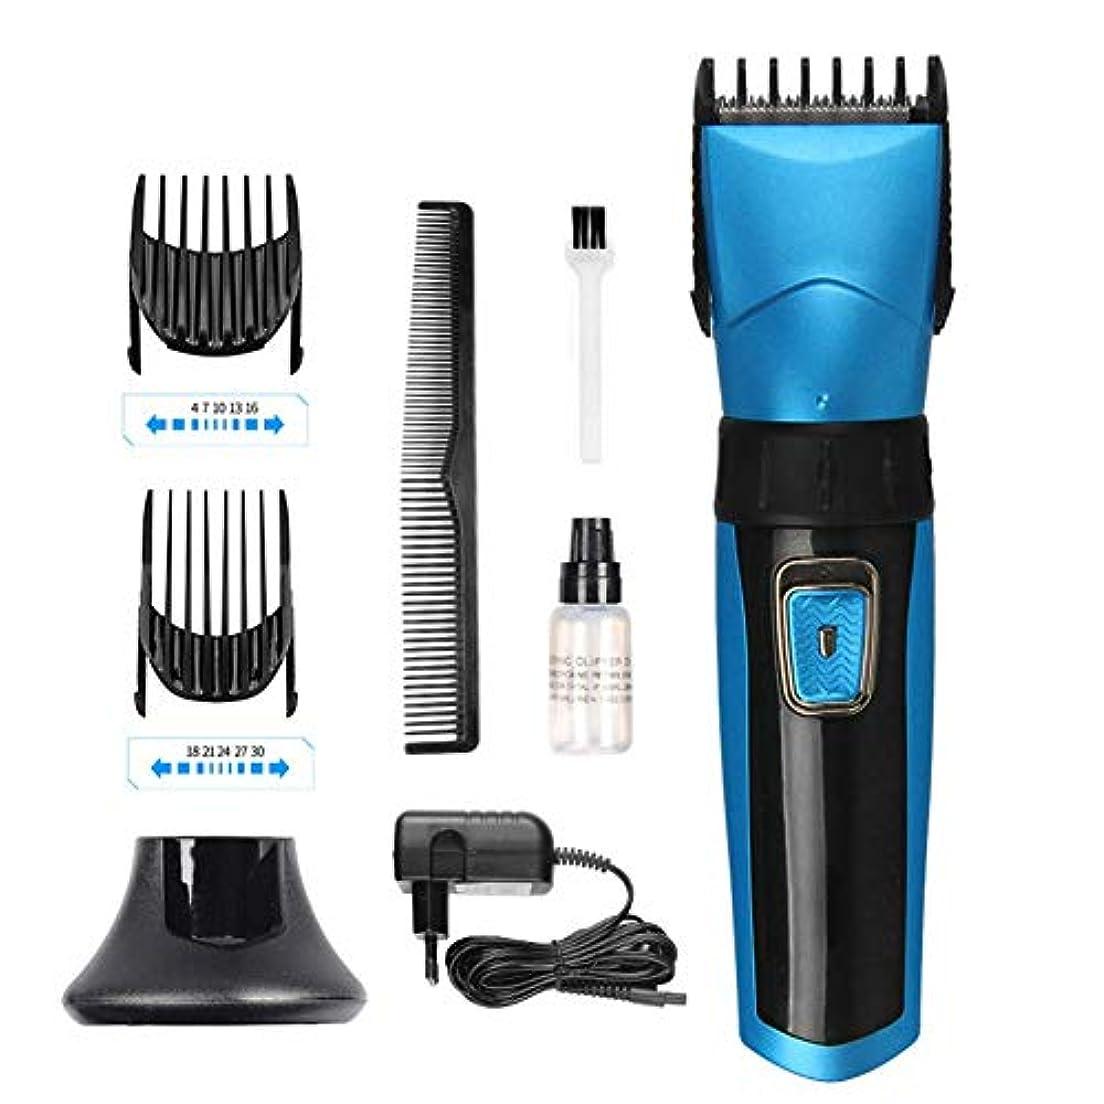 スカーフ博物館急降下バリカンバリカン男性プロのヘアトリマー、コードレスヘアートリマー防水Usb充電式、家庭用かみそり